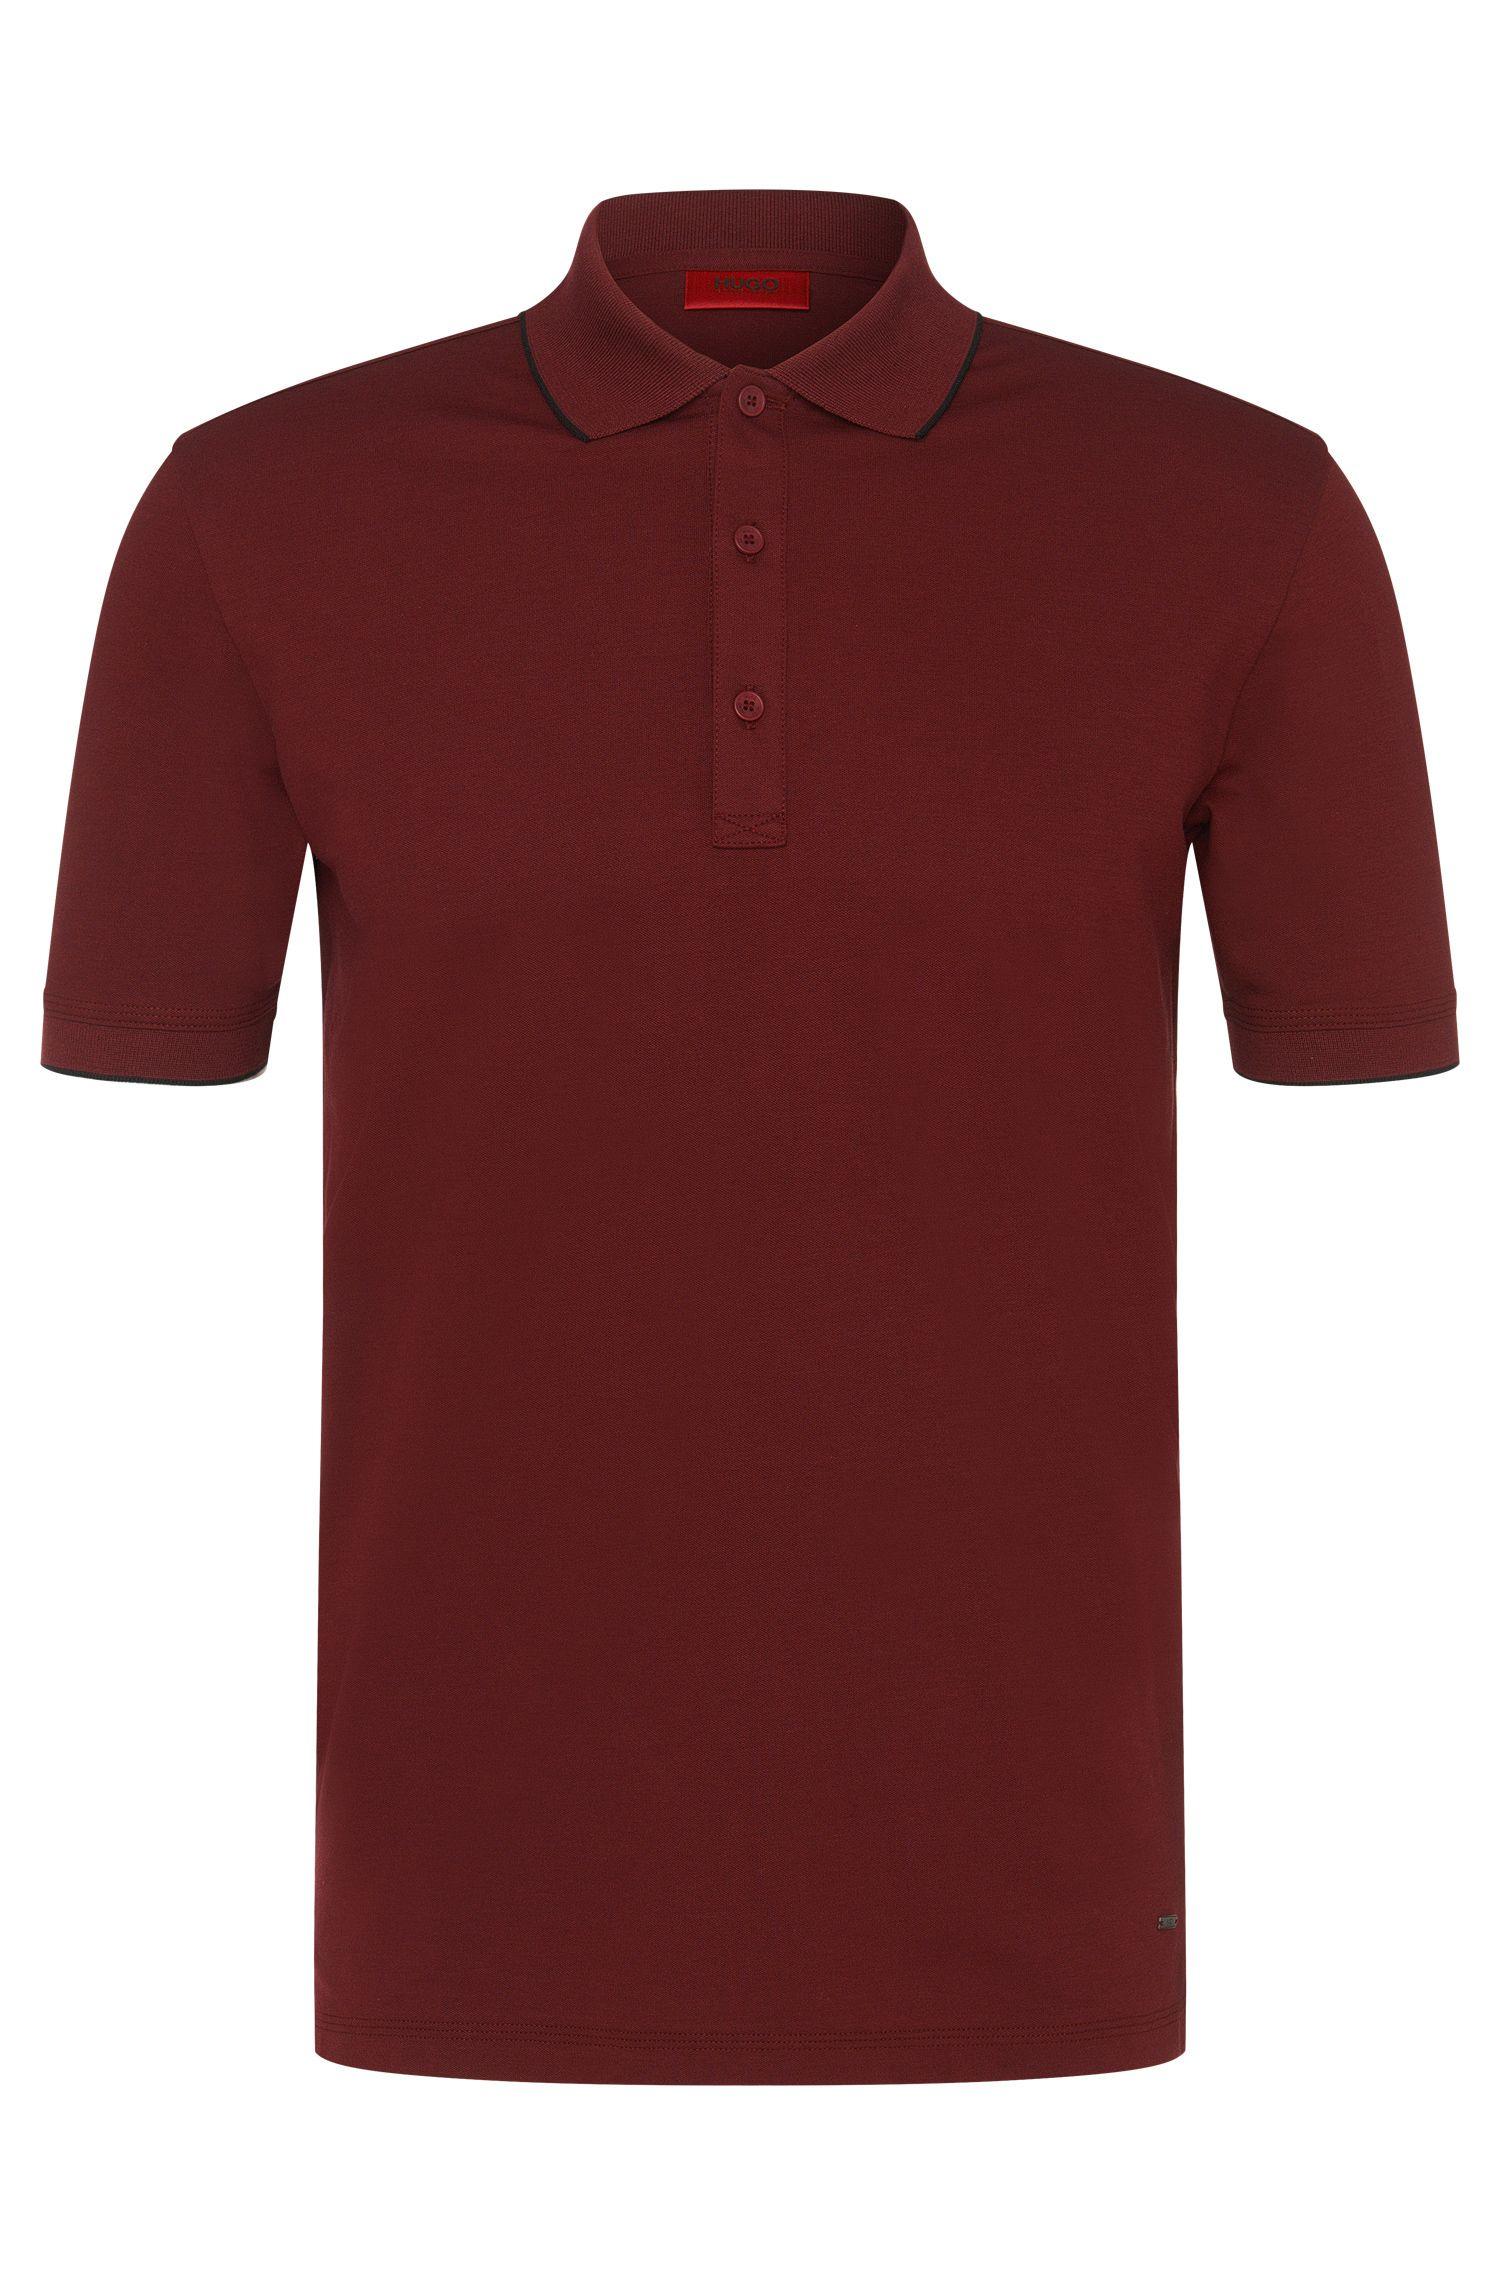 Regular-Fit Poloshirt aus Stretch-Baumwolle: 'Delorian'